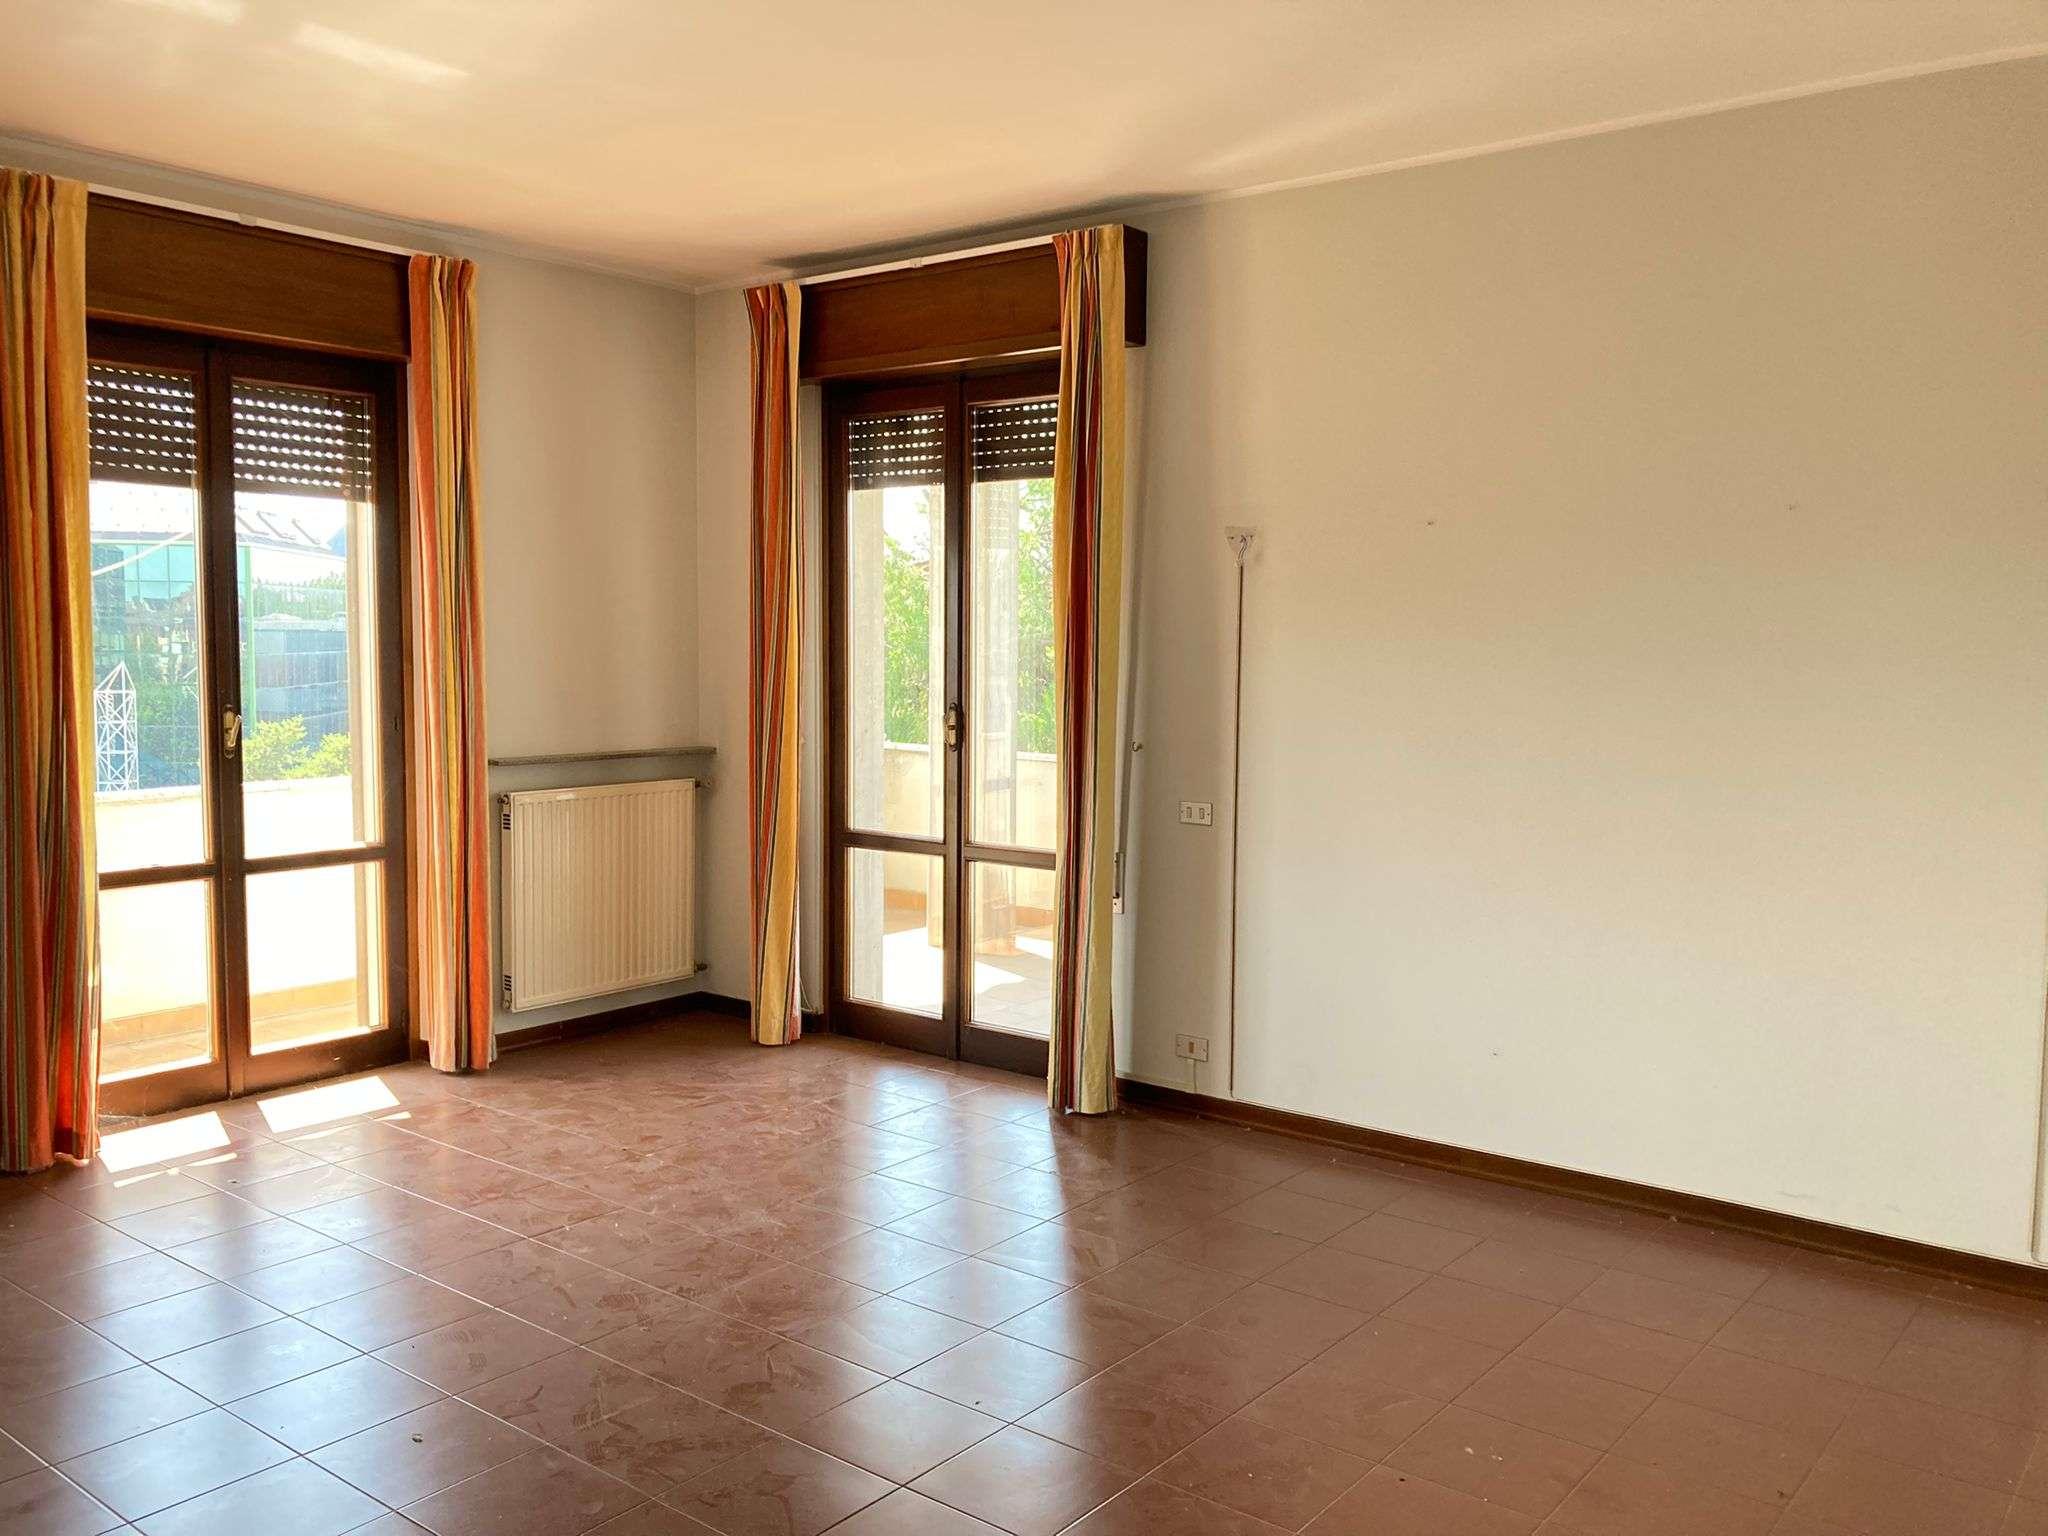 Appartamento in vendita a Cadeo, 3 locali, prezzo € 98.000 | PortaleAgenzieImmobiliari.it